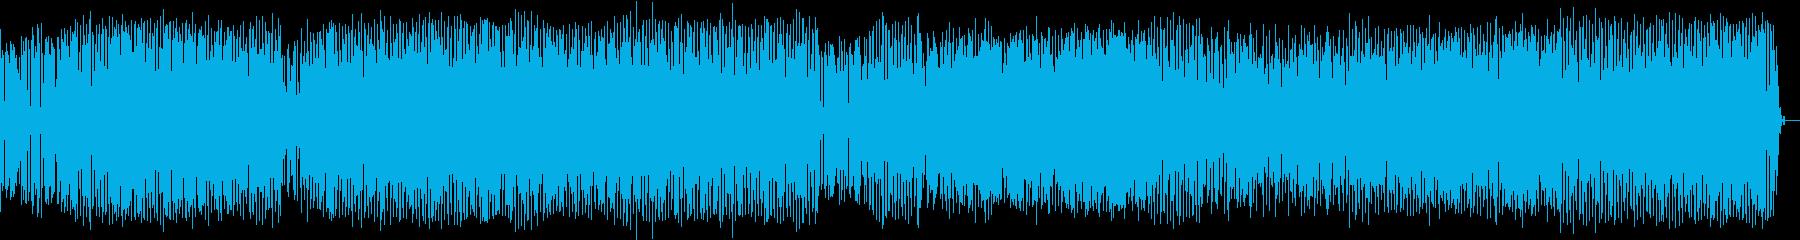 近未来なライブオープニングのイメージの再生済みの波形